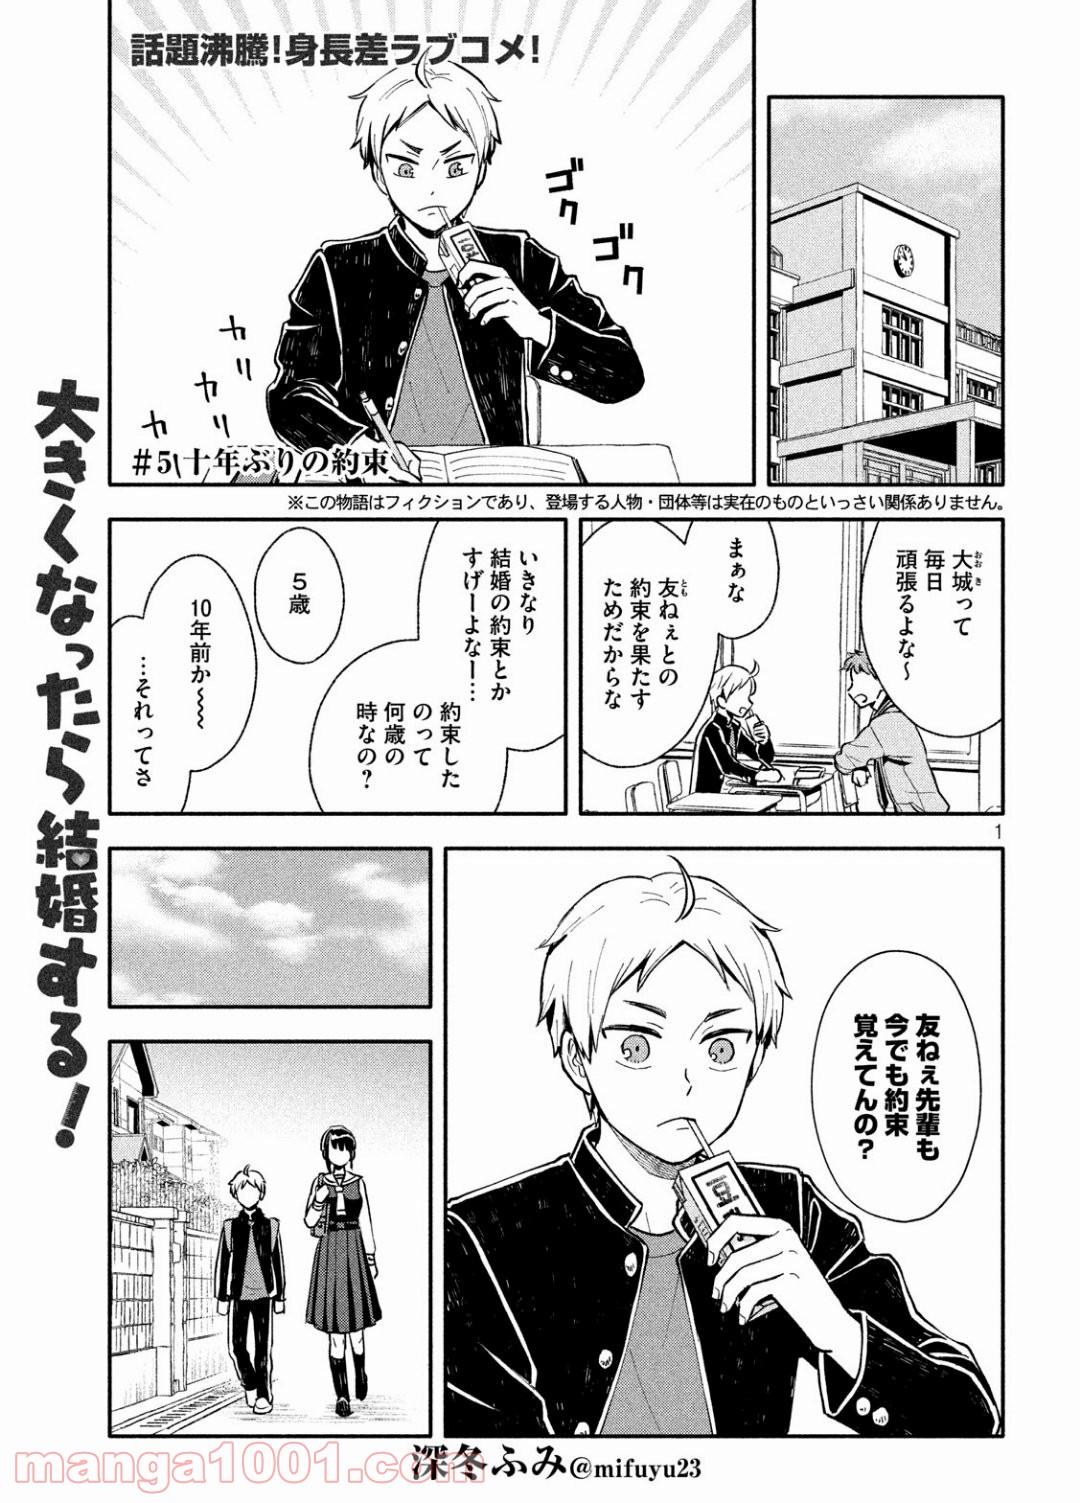 大きくなったら結婚する! - Raw 【第5話】 - Manga1001.com